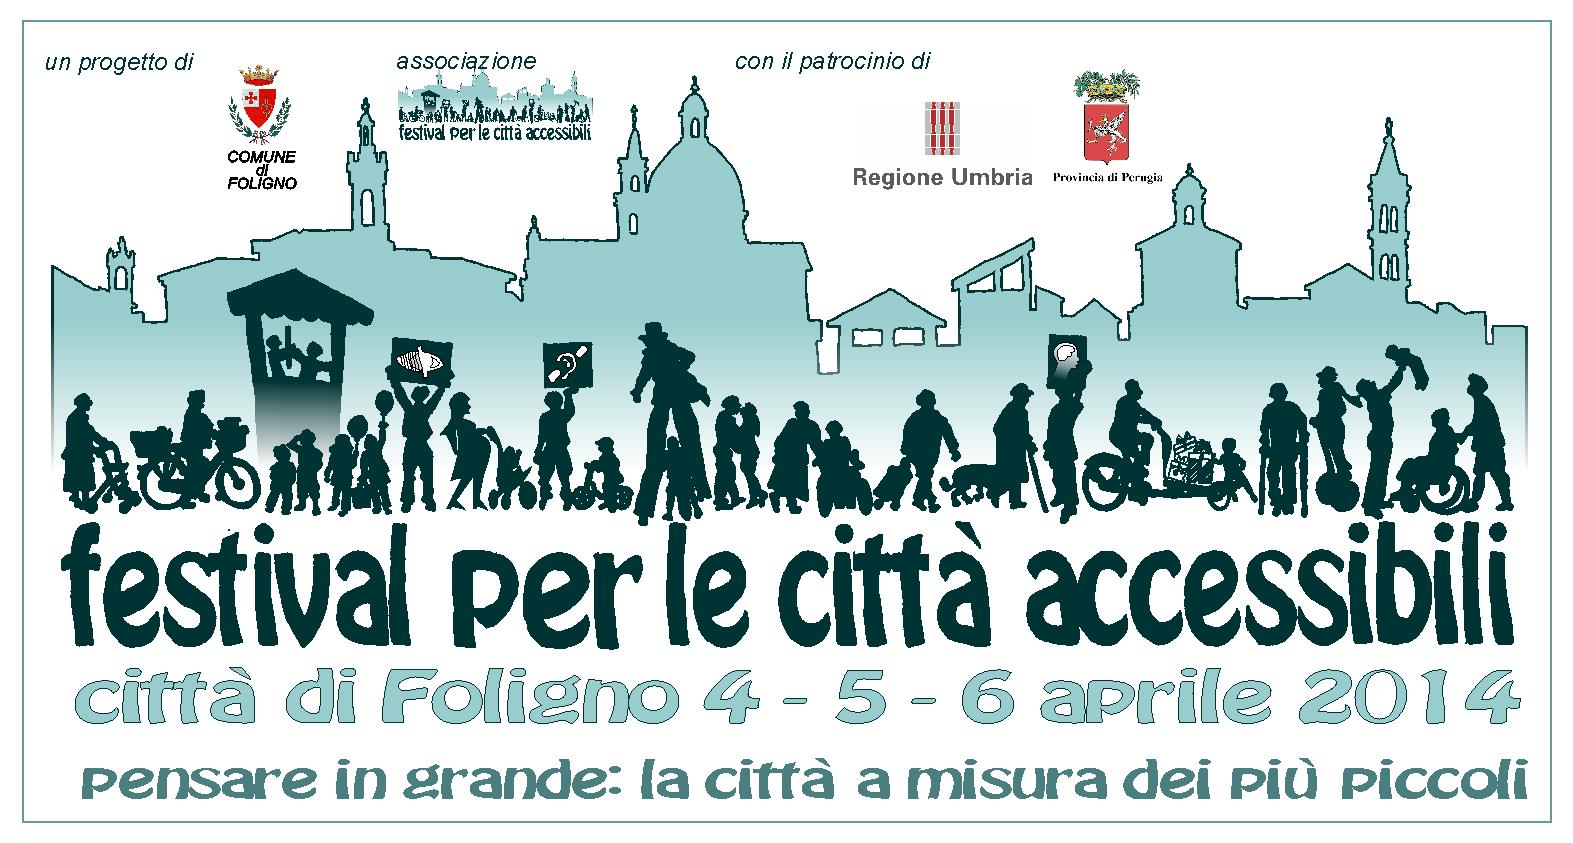 Orso Azzurro al Festival delle città accessibili di Foligno!